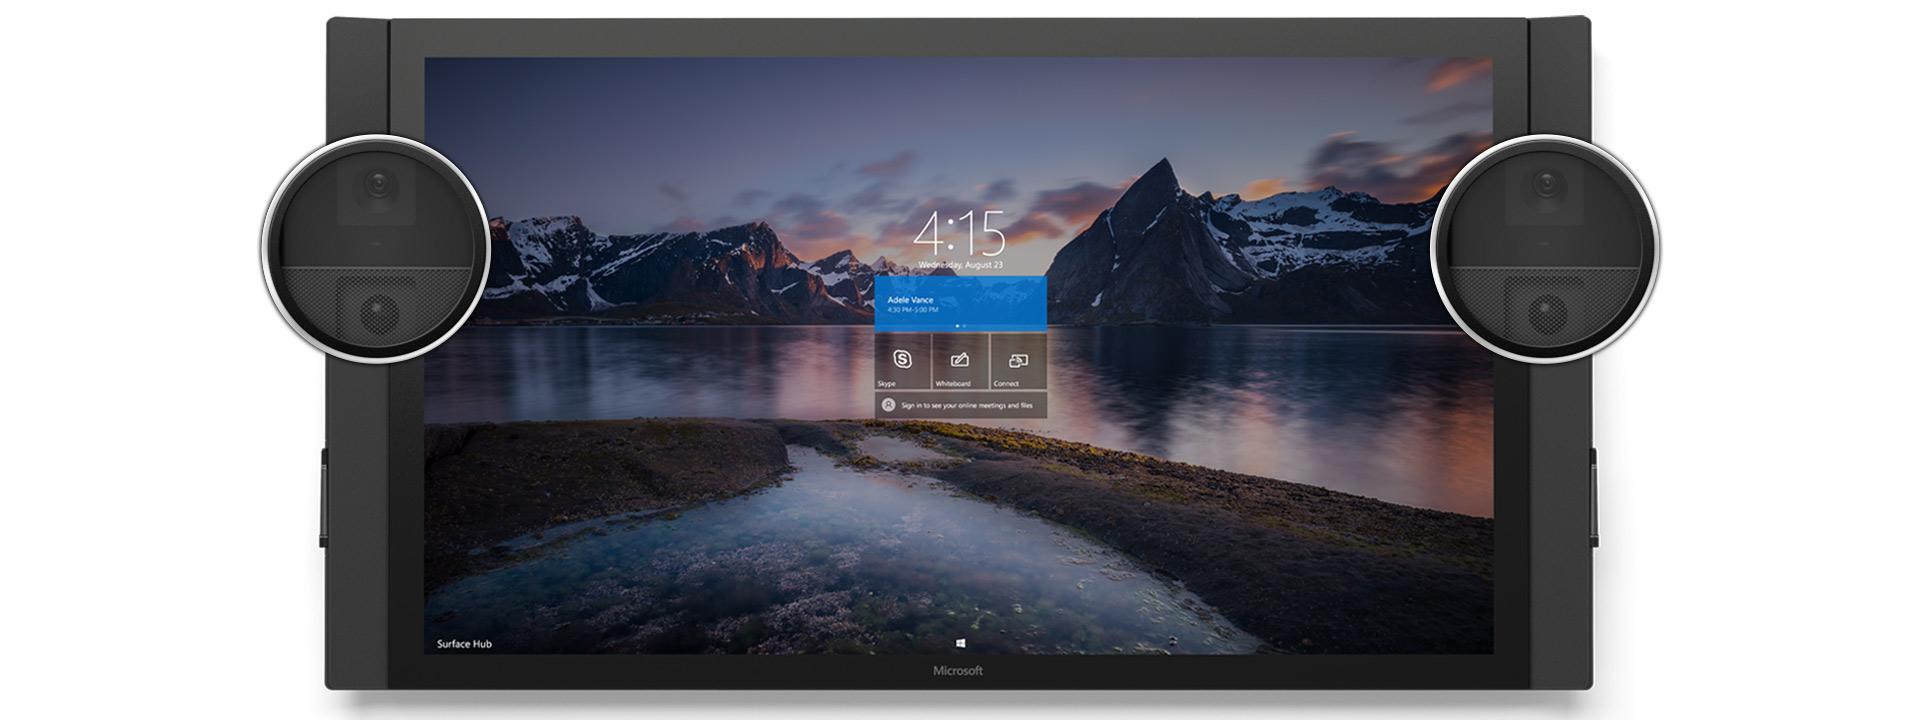 カメラとセンサーが拡大された、自然の風景のスタート画面が表示された Surface Hub の正面図。